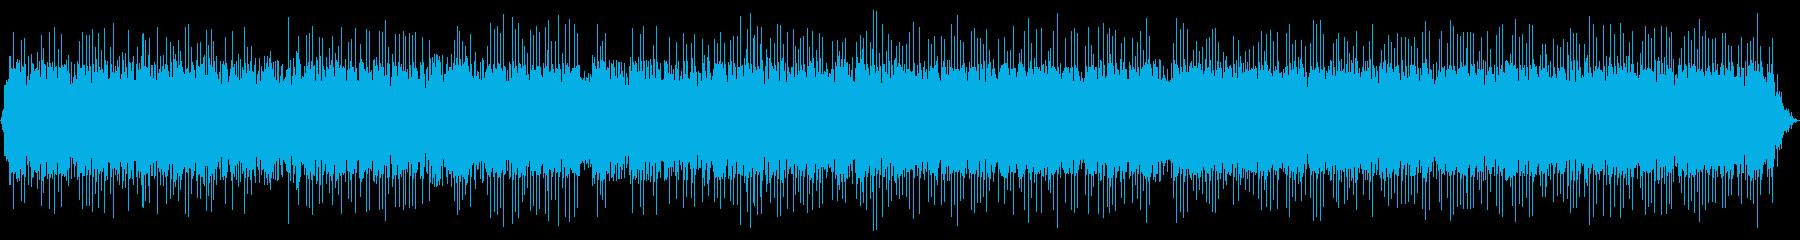 ストリングトリマー-アイドリング(...の再生済みの波形